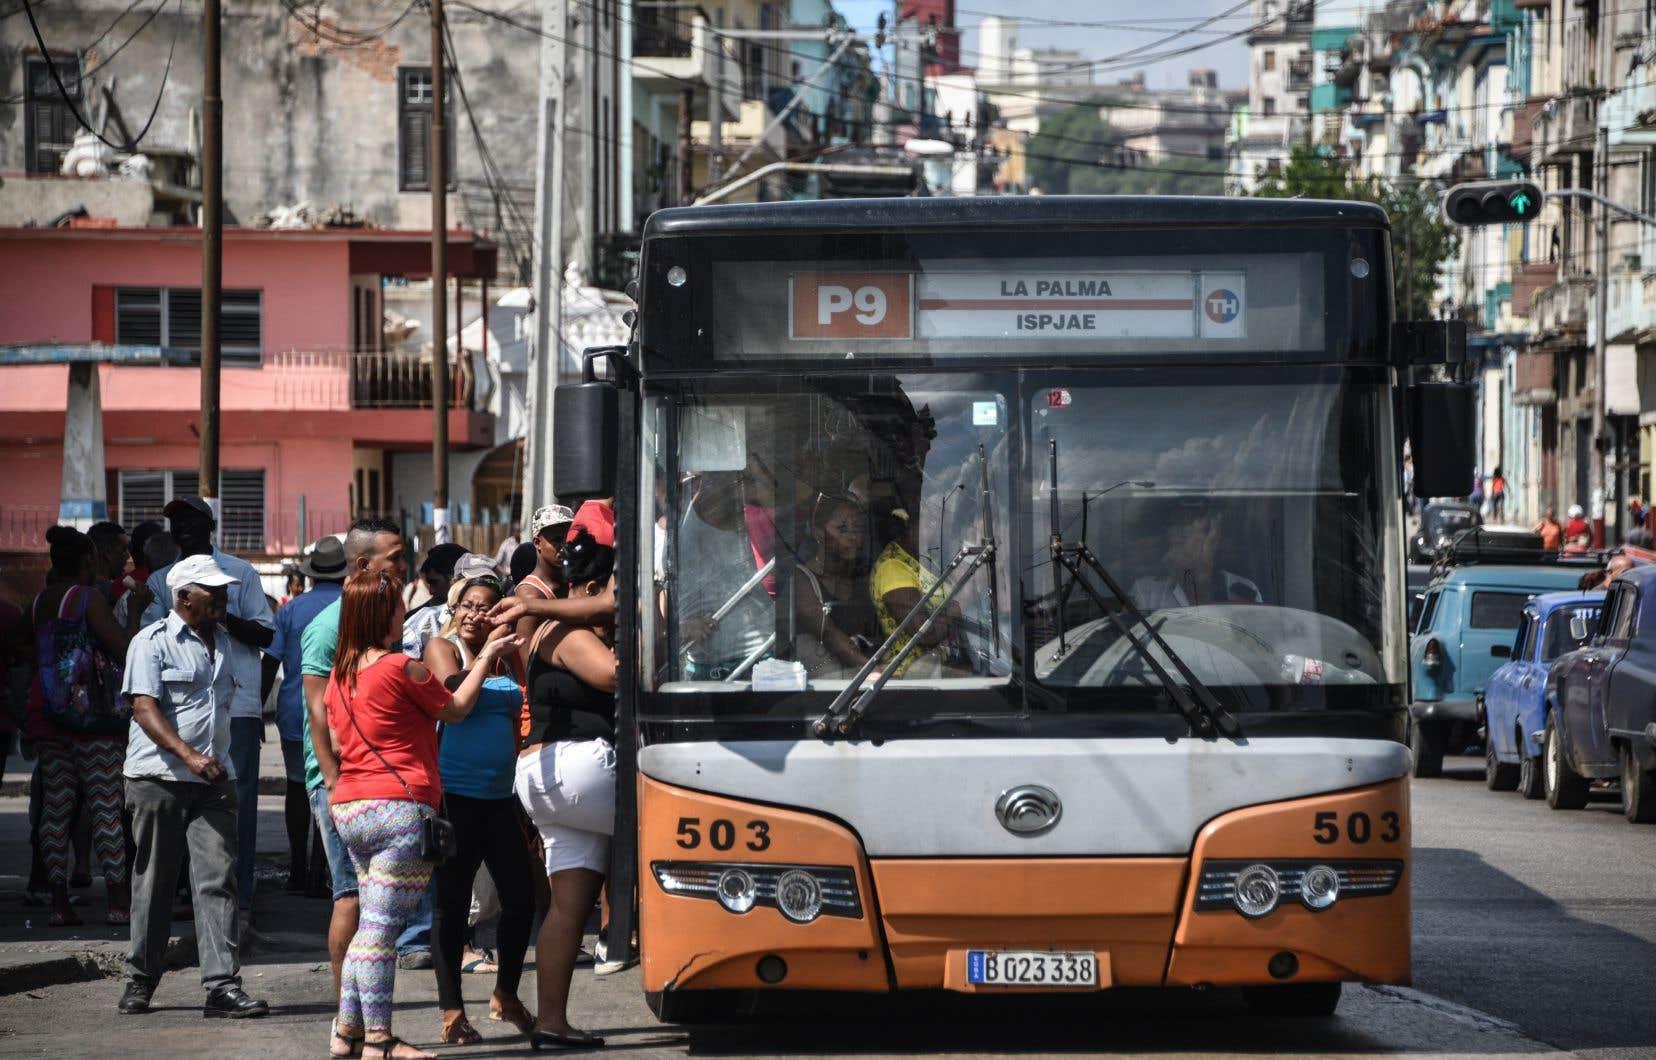 L'accident de jeudi est le quatrième incident majeur impliquant un autocar depuis un mois.